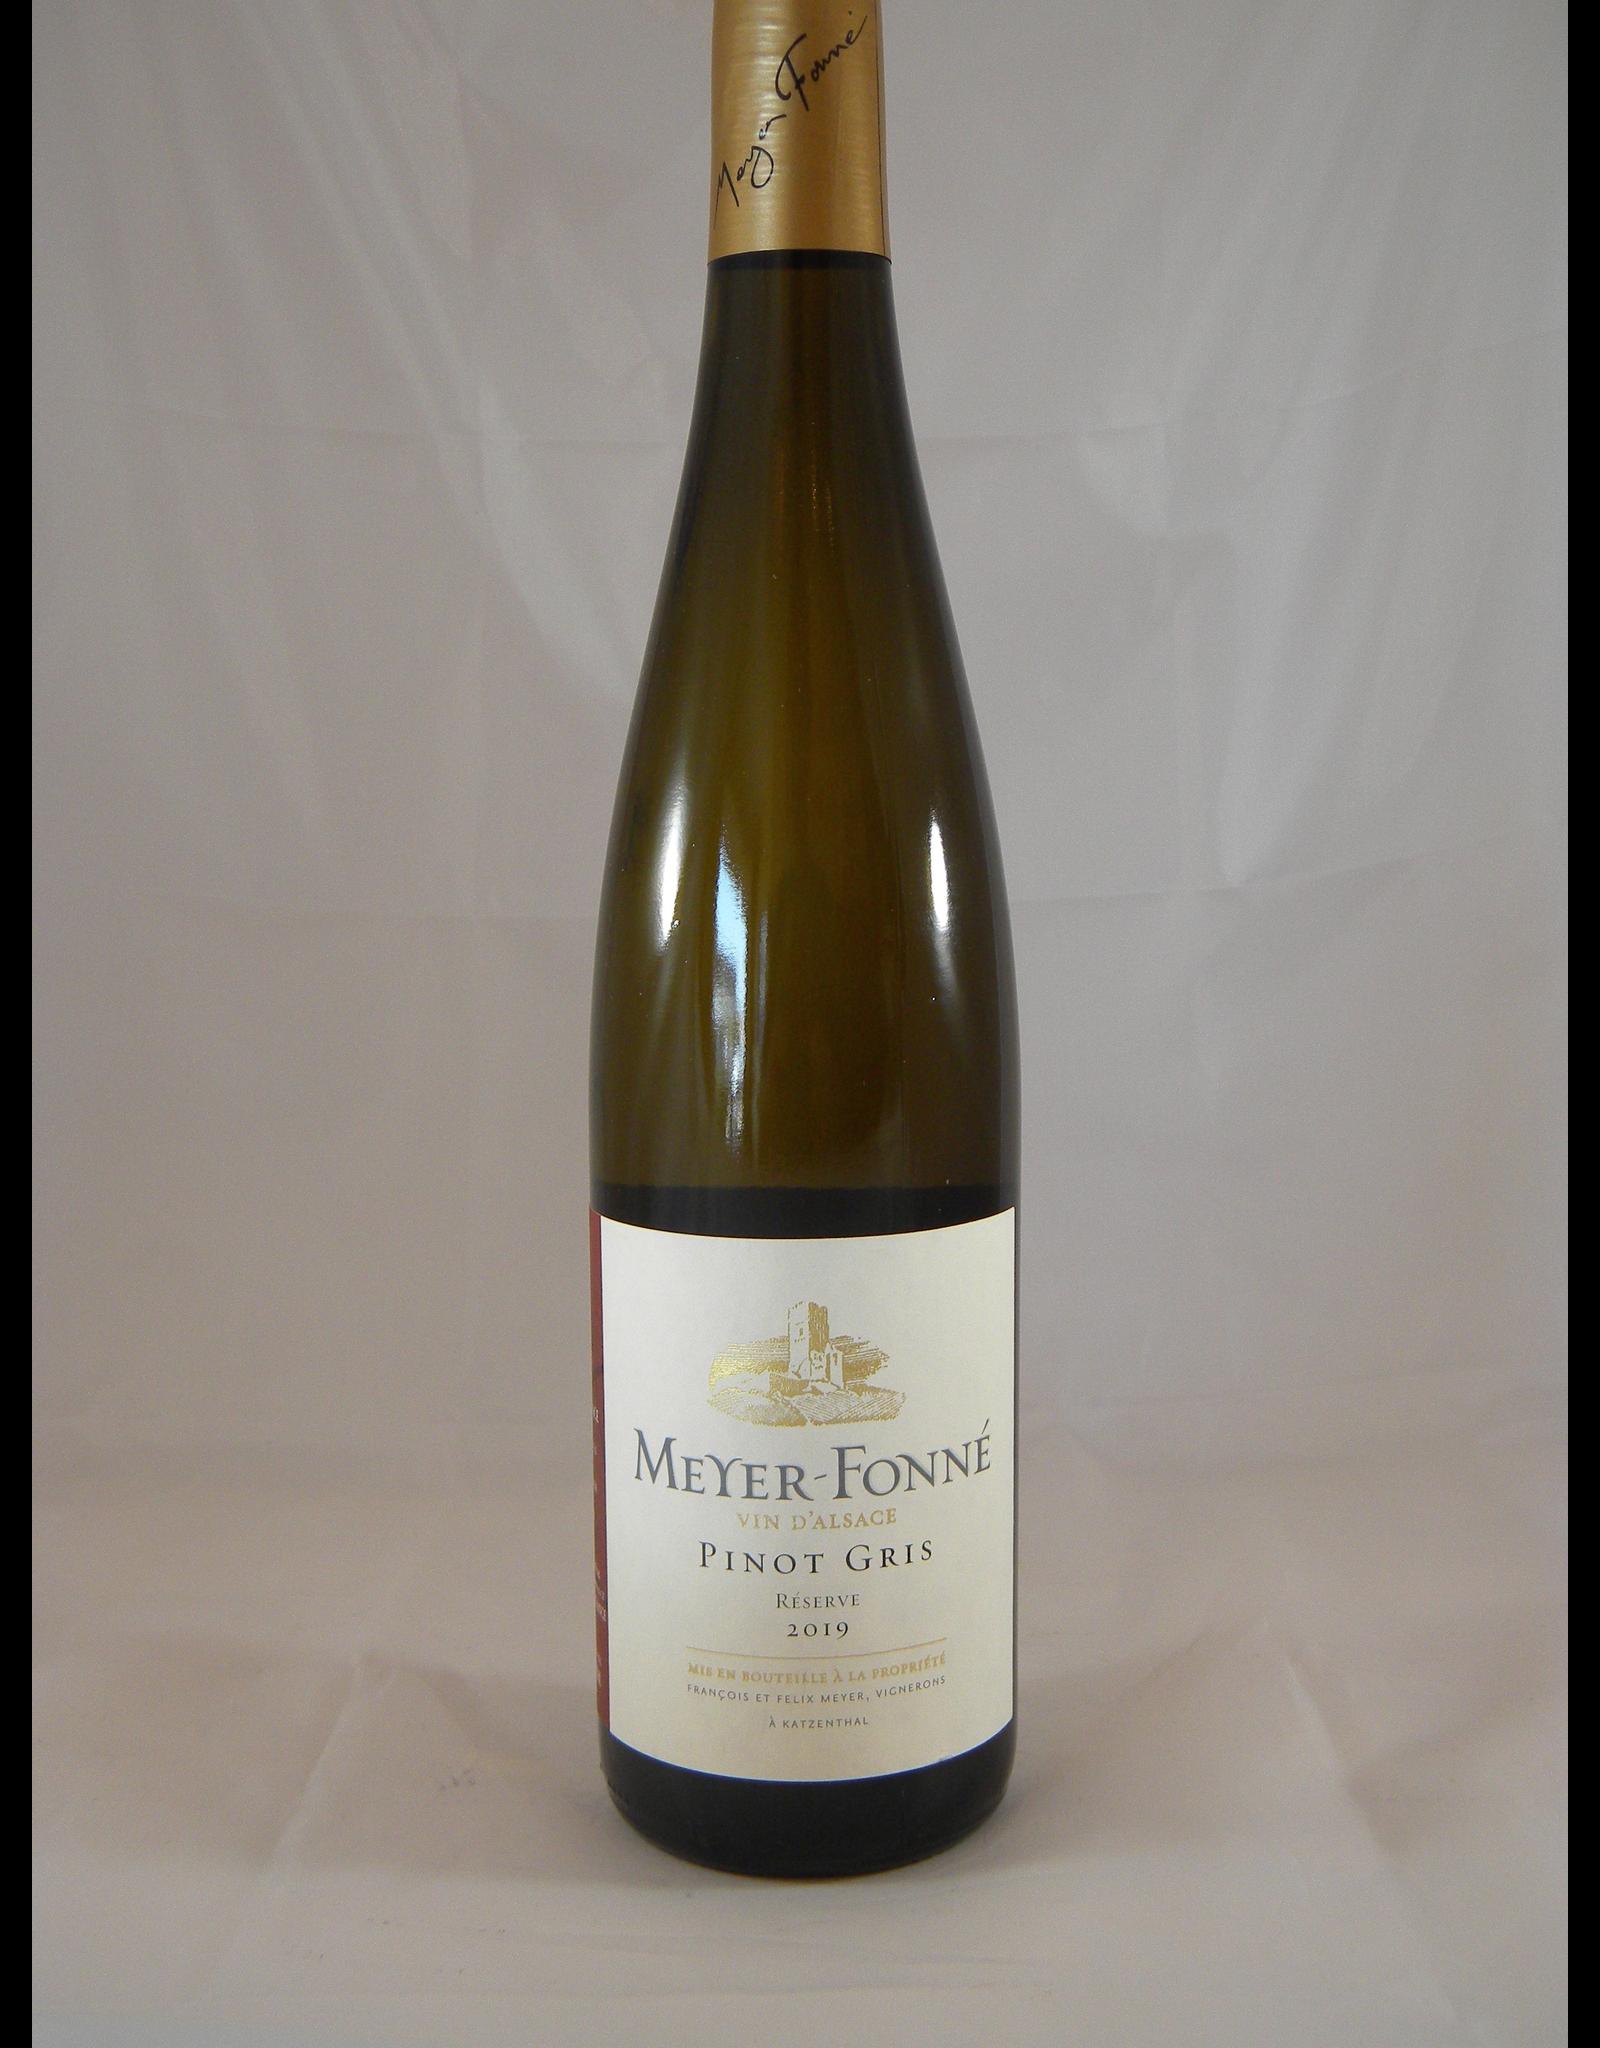 Meyer-Fonne Pinot Gris Reserve Alsace 2019